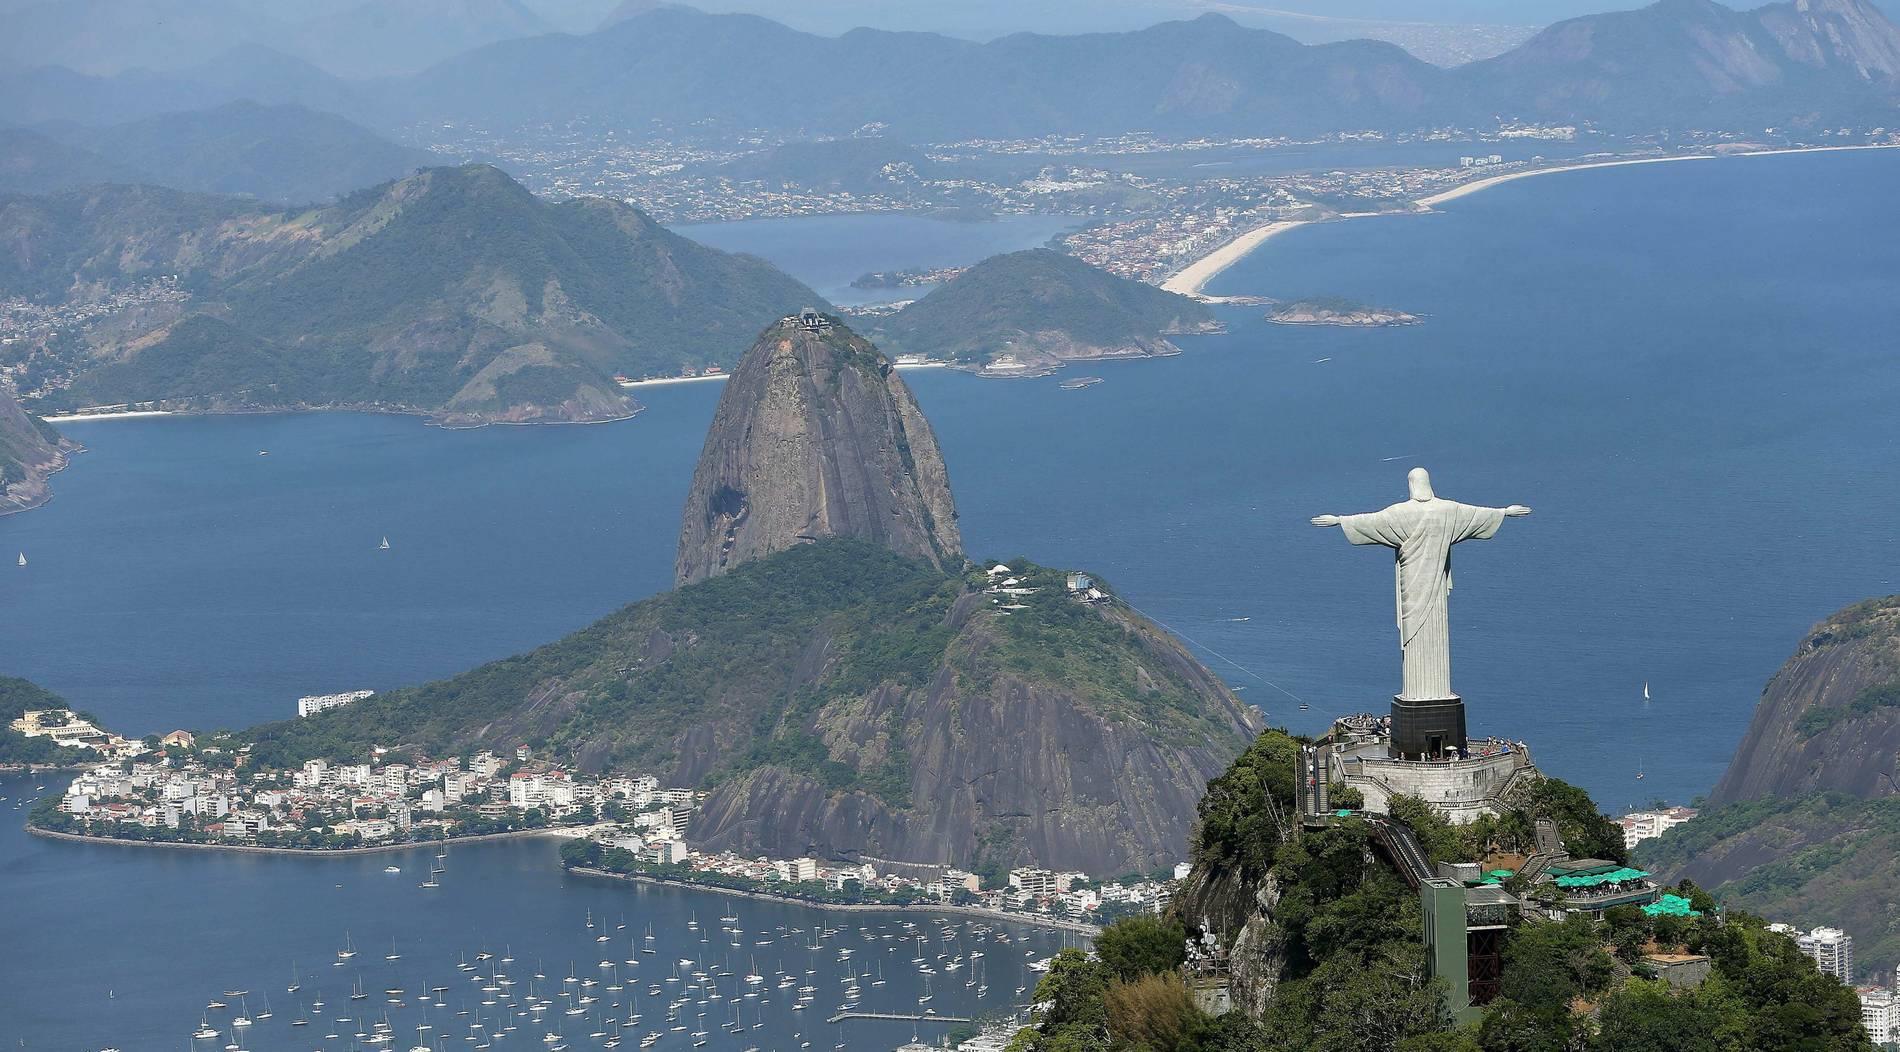 Rios Bürgermeister rechnet knallhart mit Machenschaften am Zuckerhut ab